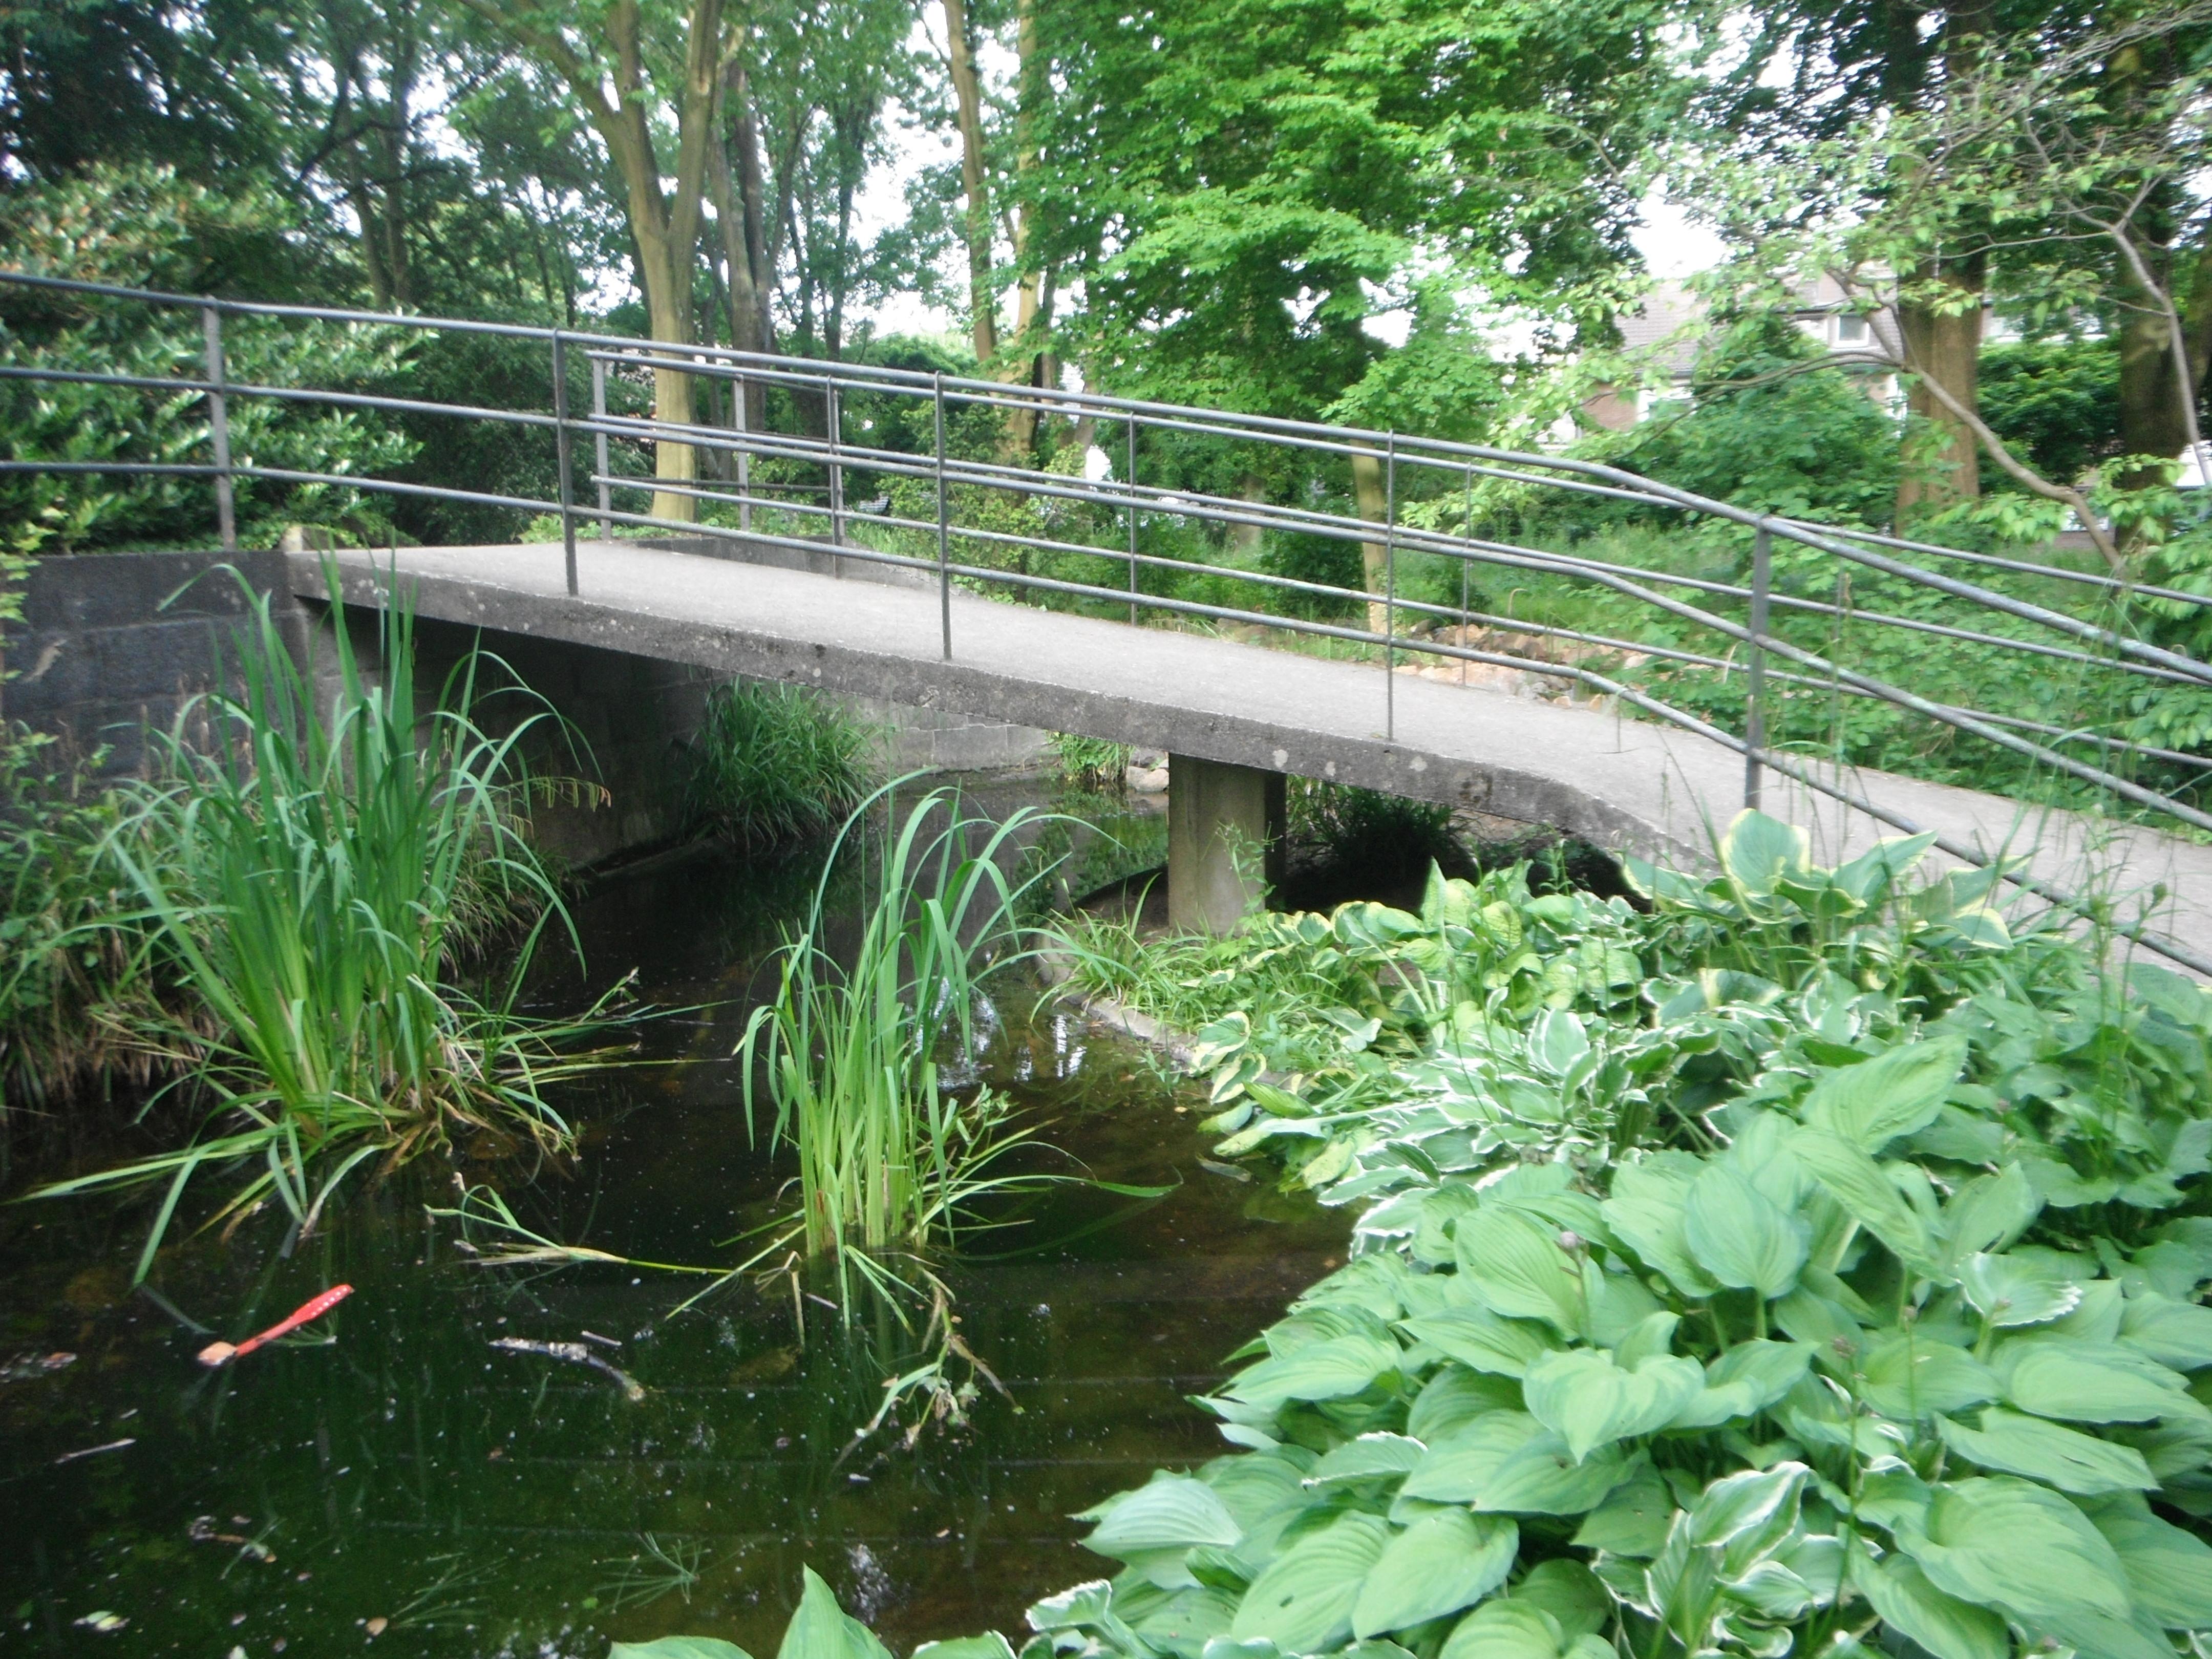 Fabelhaft Botanischer Garten der Stadt Neuss – Wikipedia &XA_86